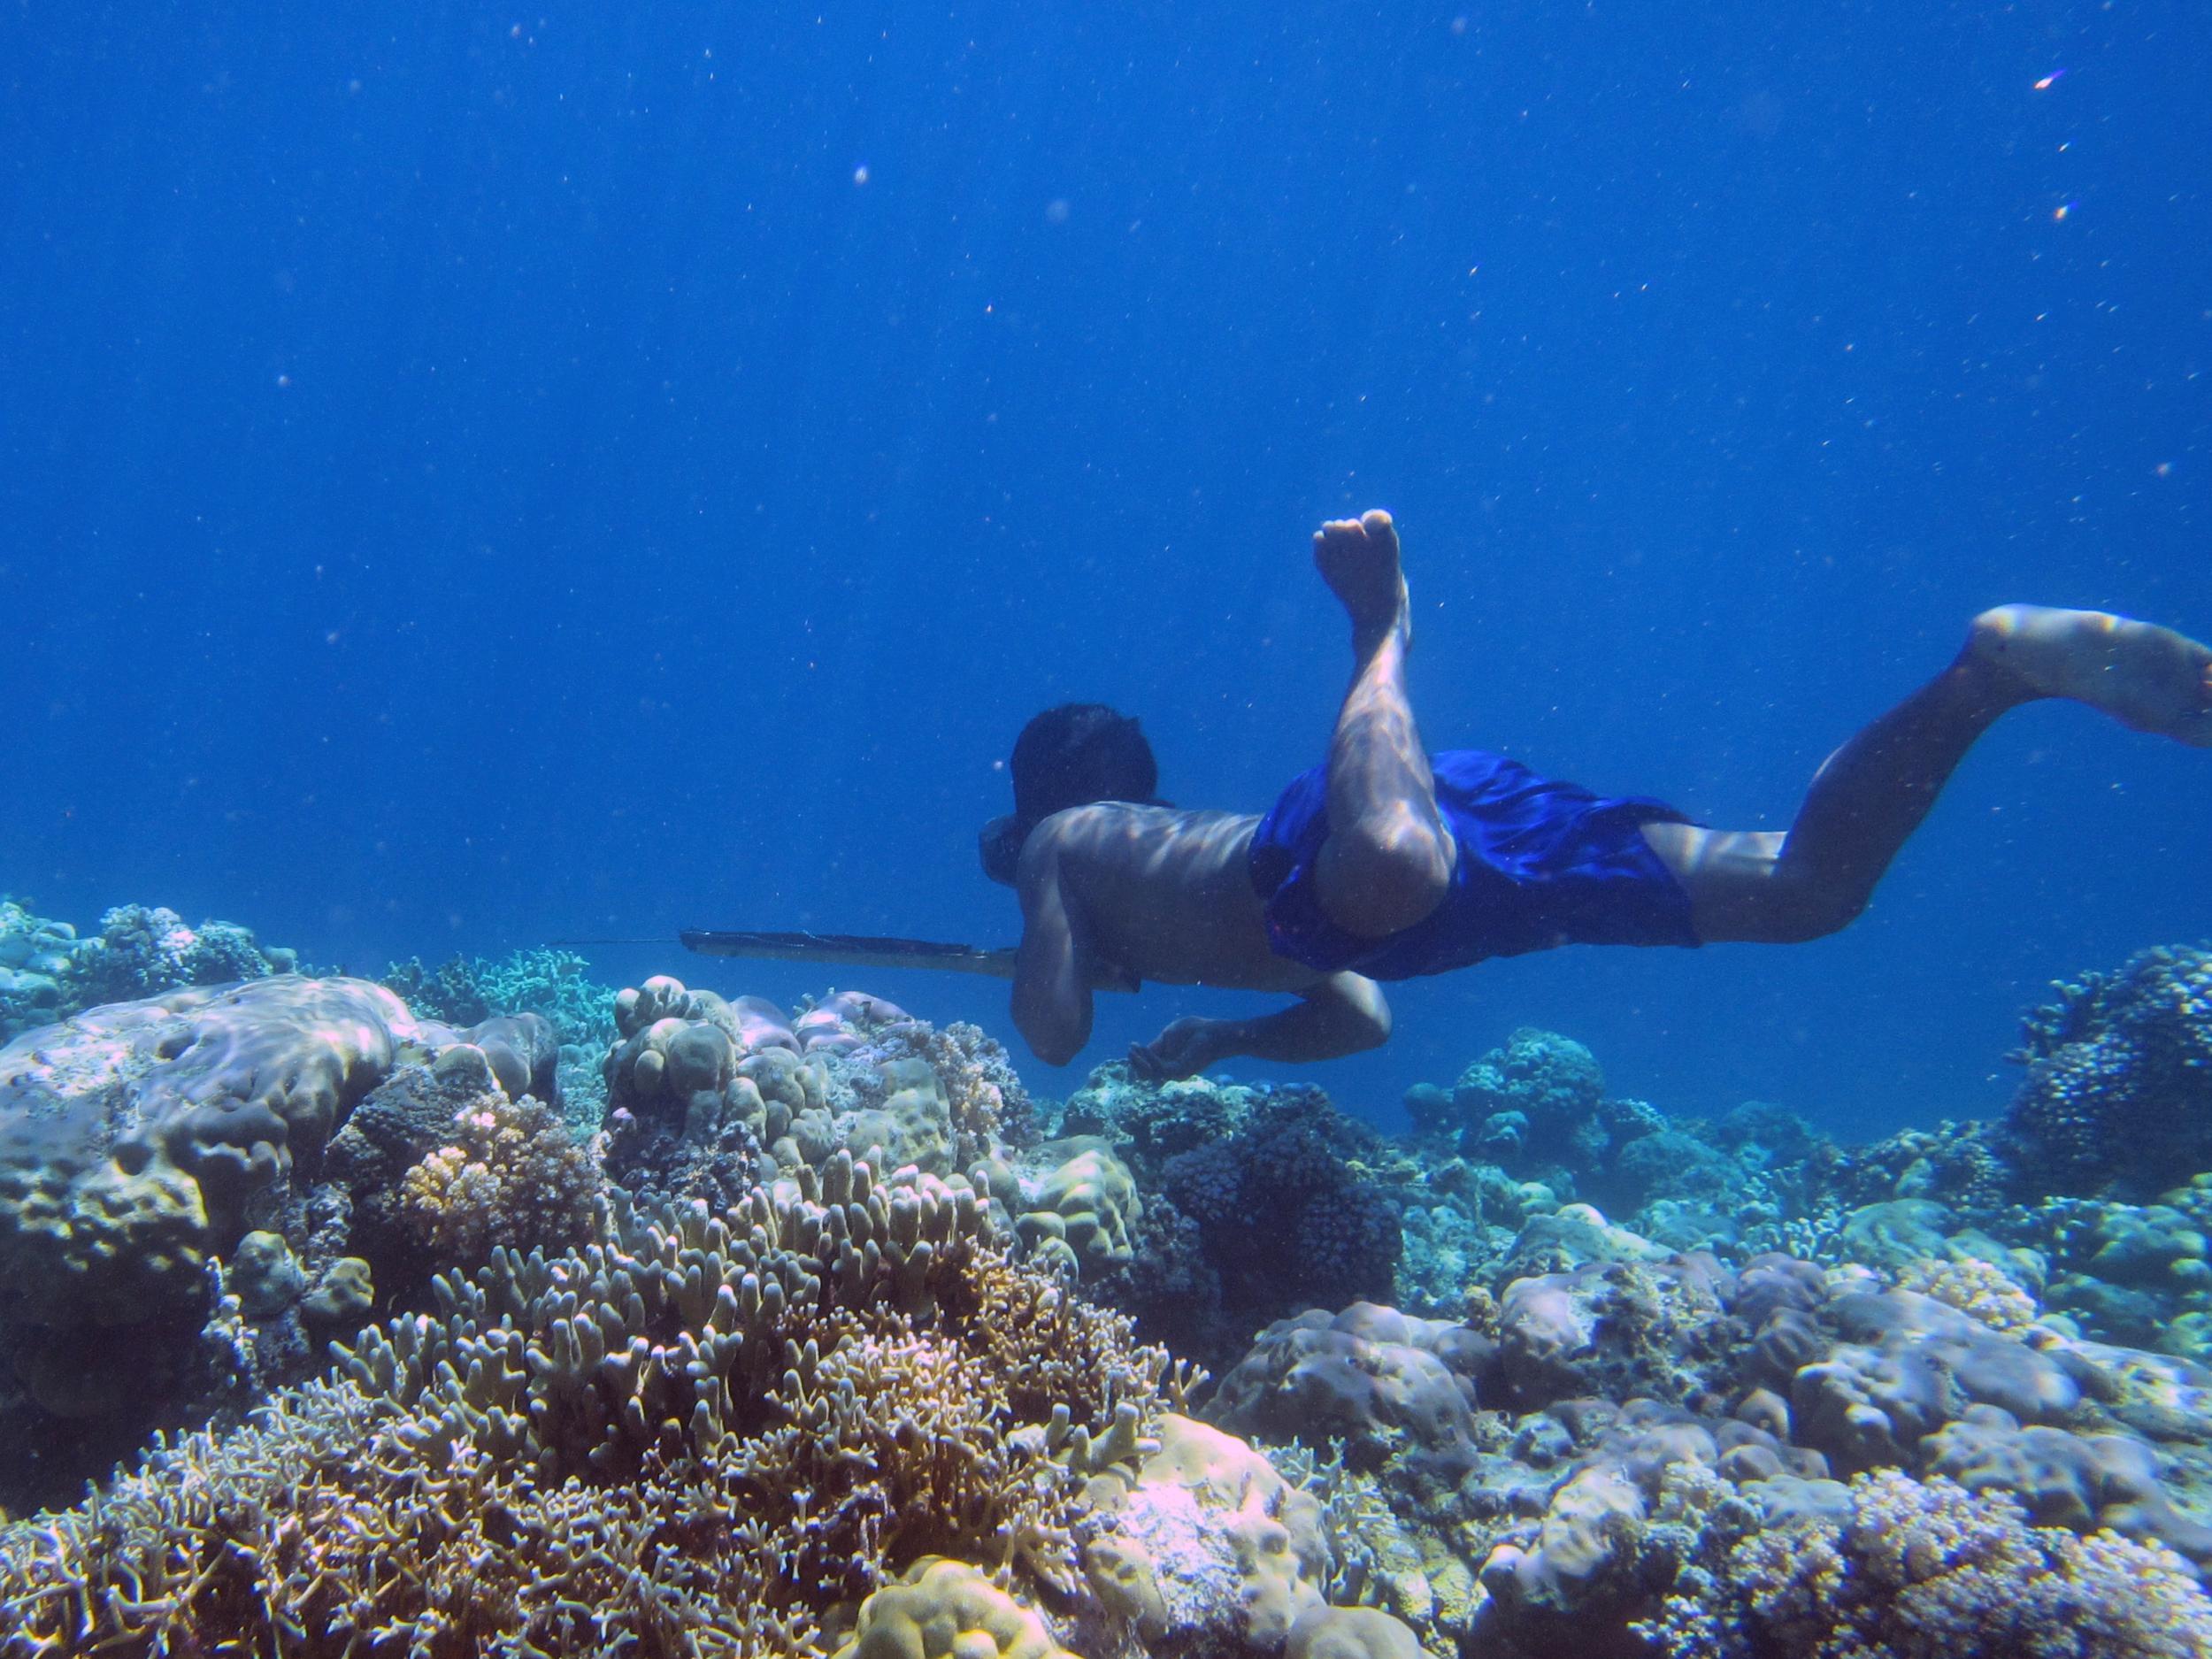 A Bajau diver